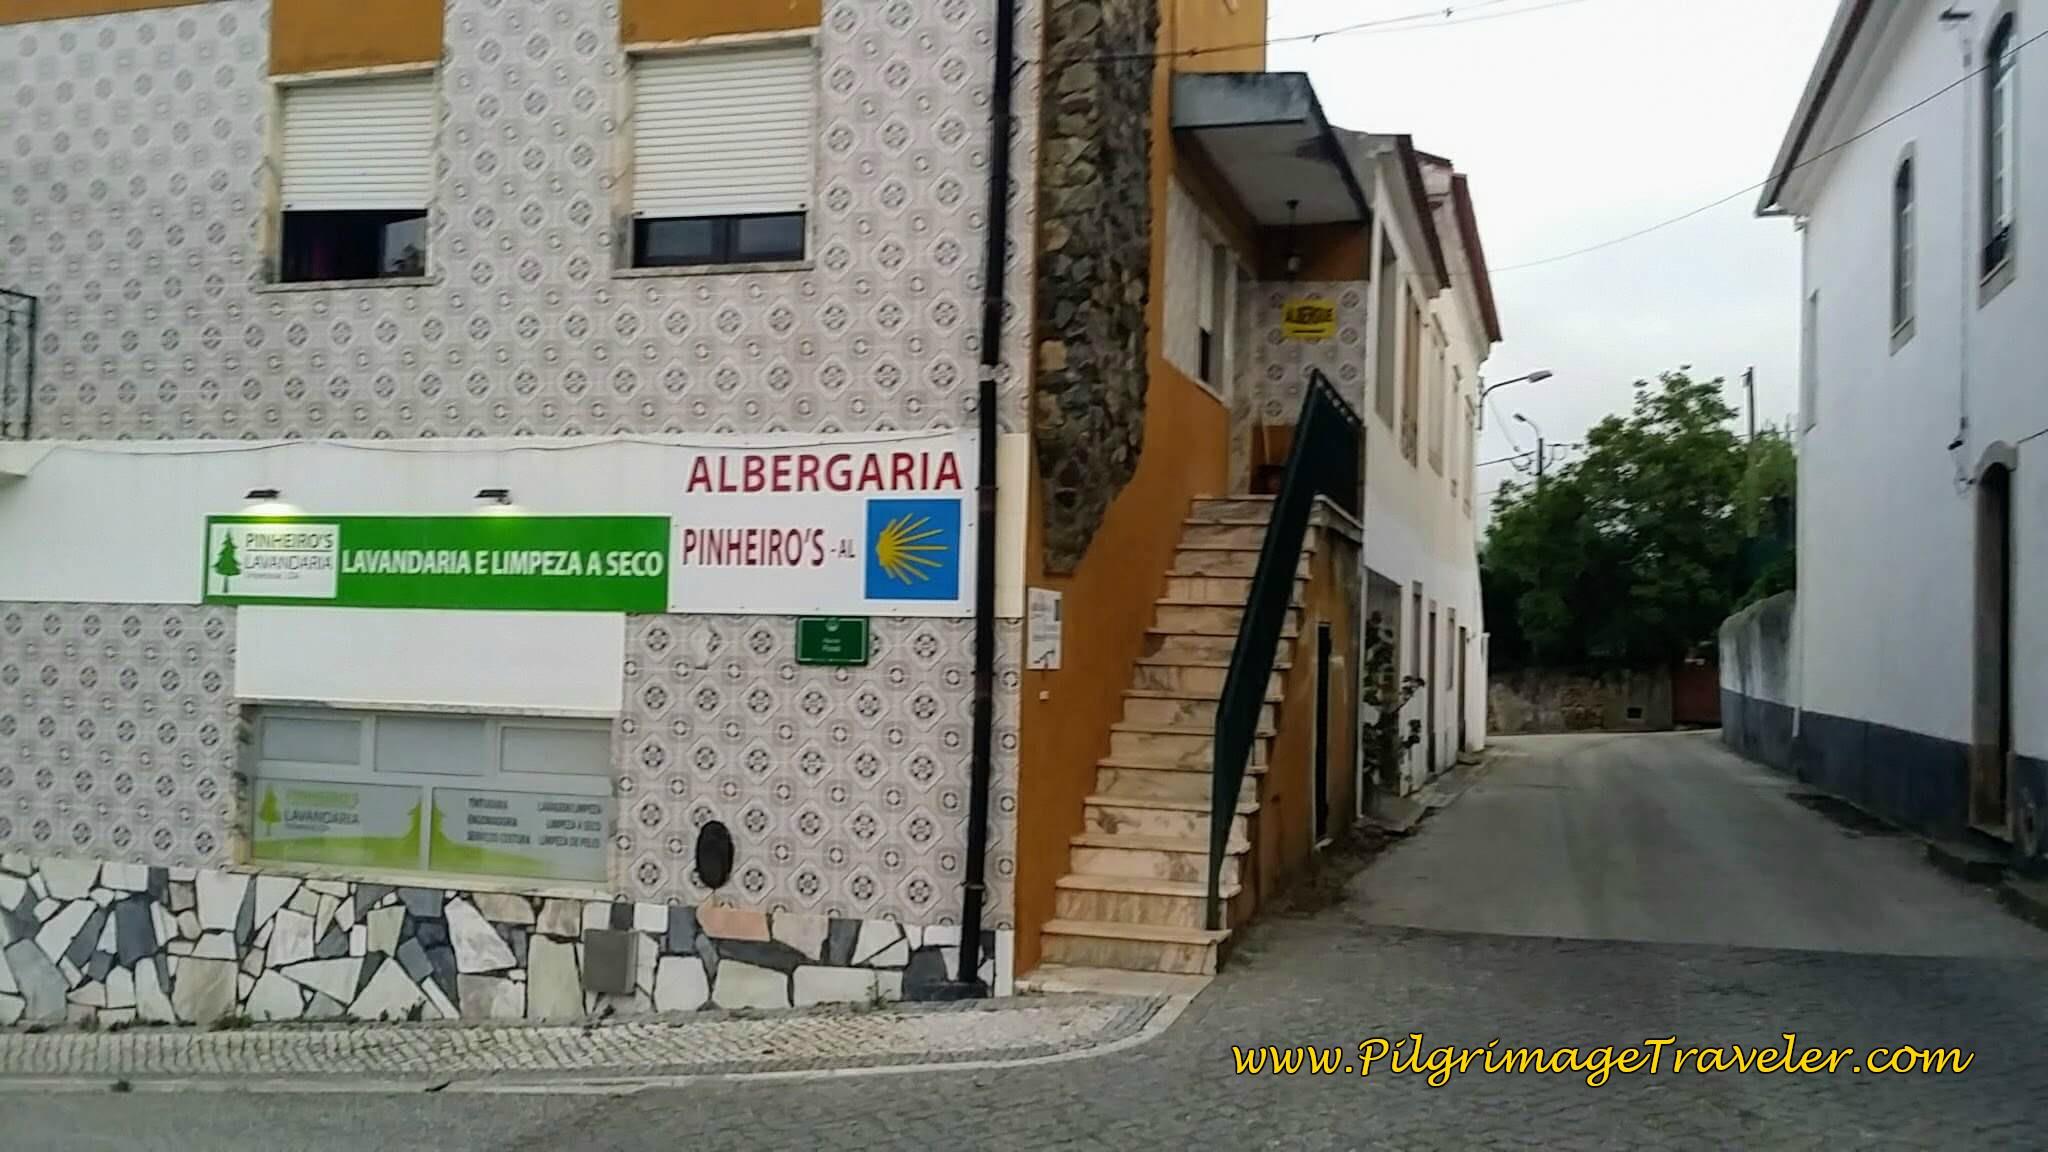 Albergaria Pinheiros, Alvaiãrzere, Portugal